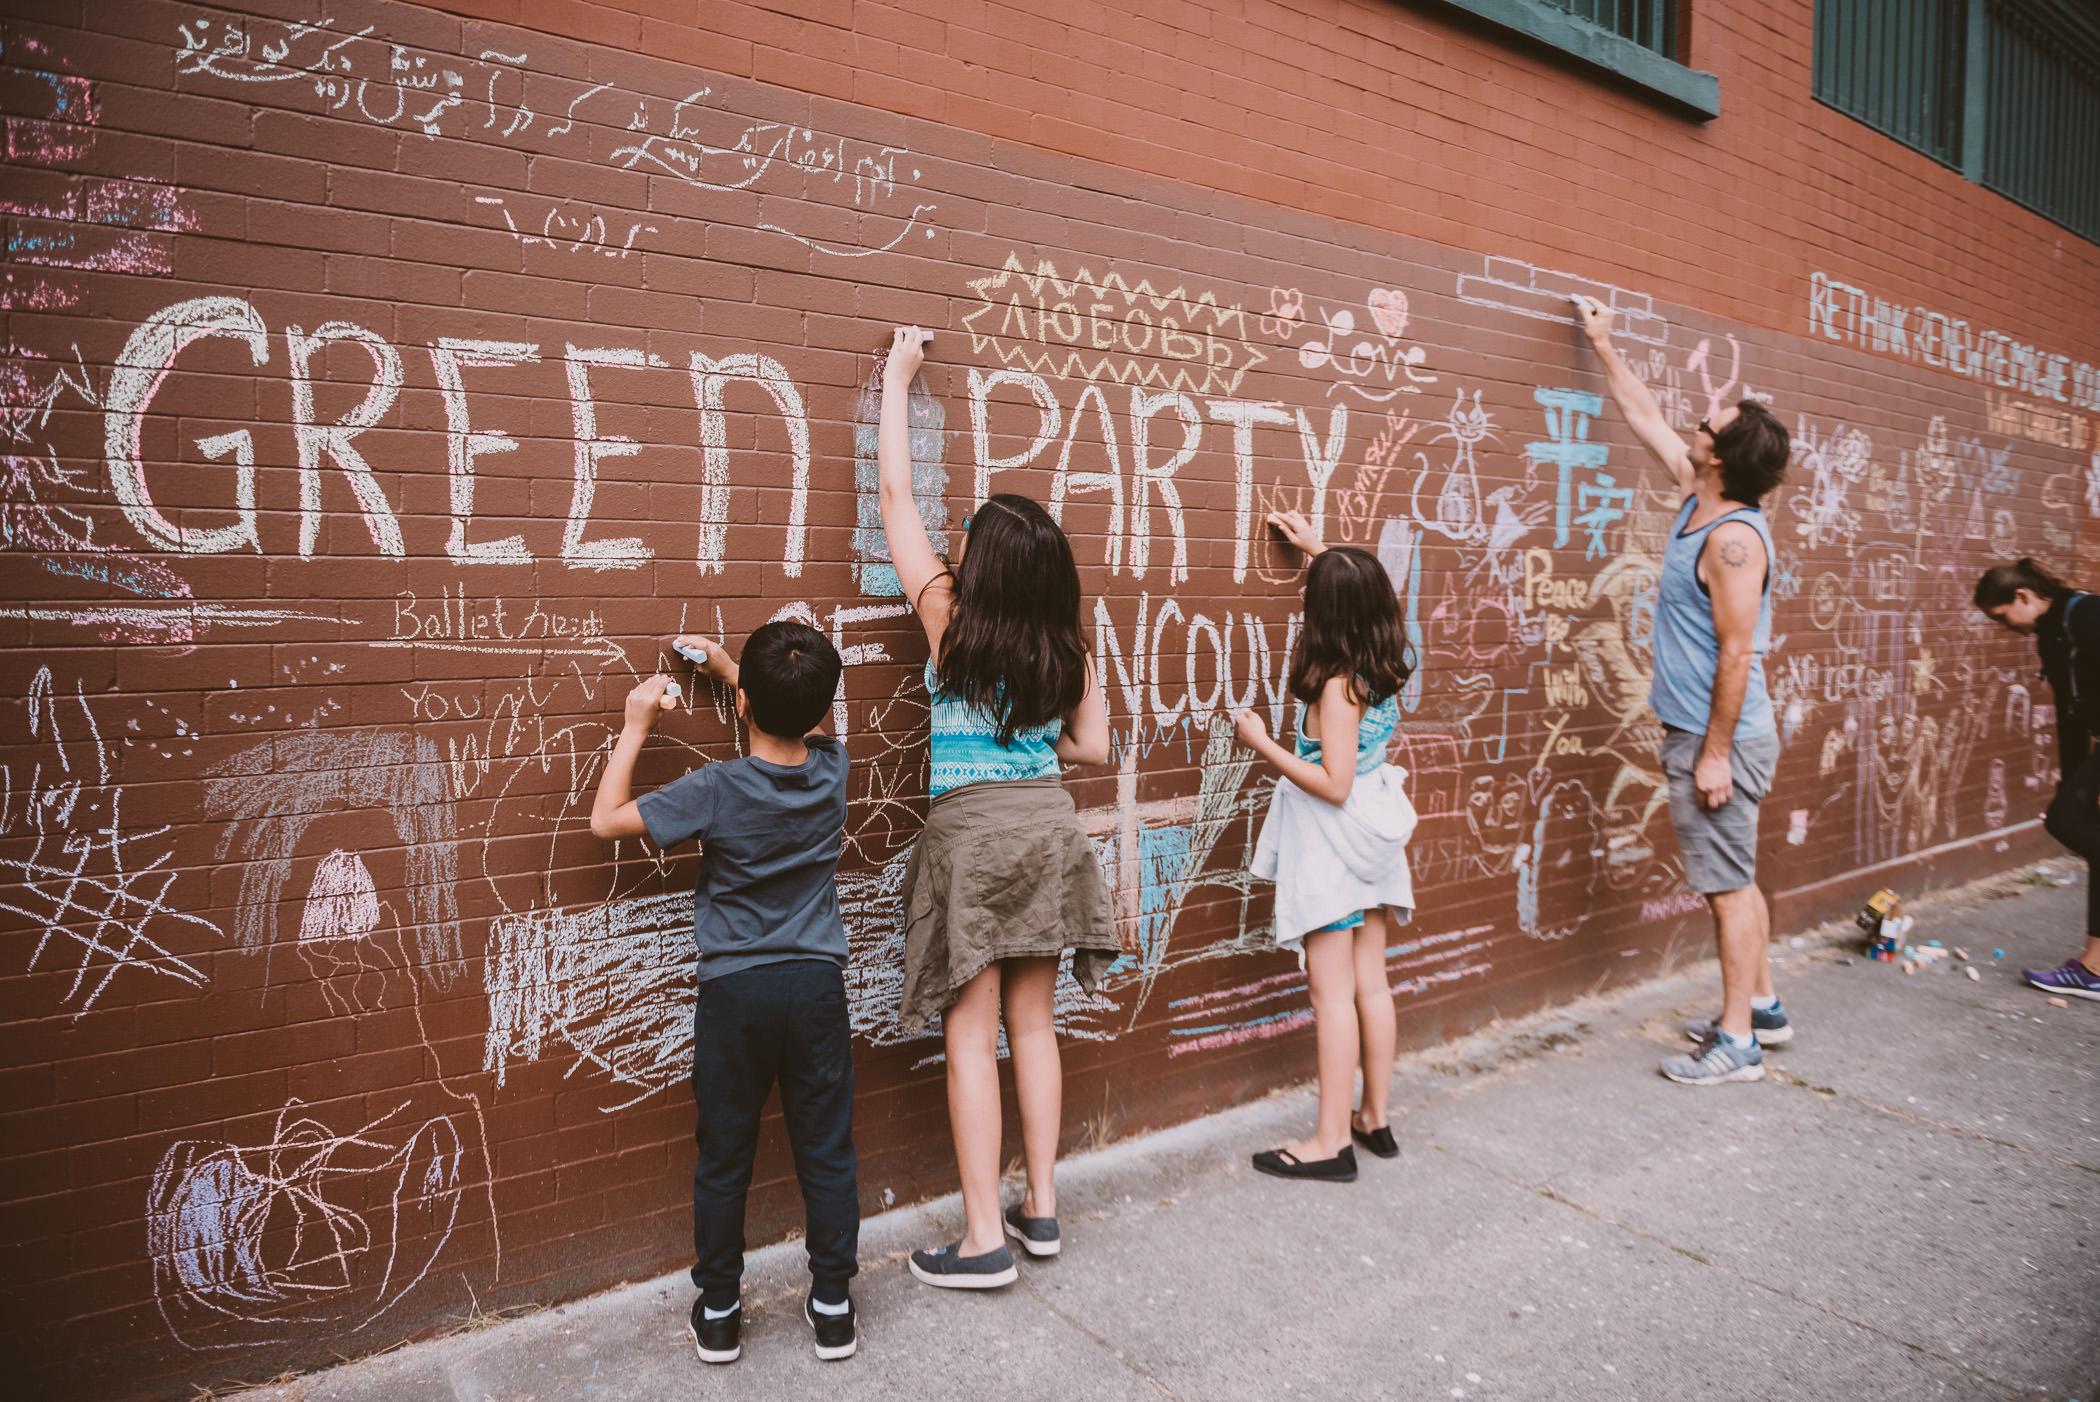 Vancouver_Mural_Fest-Do604-Timothy_Nguyen-20180811-47.jpg